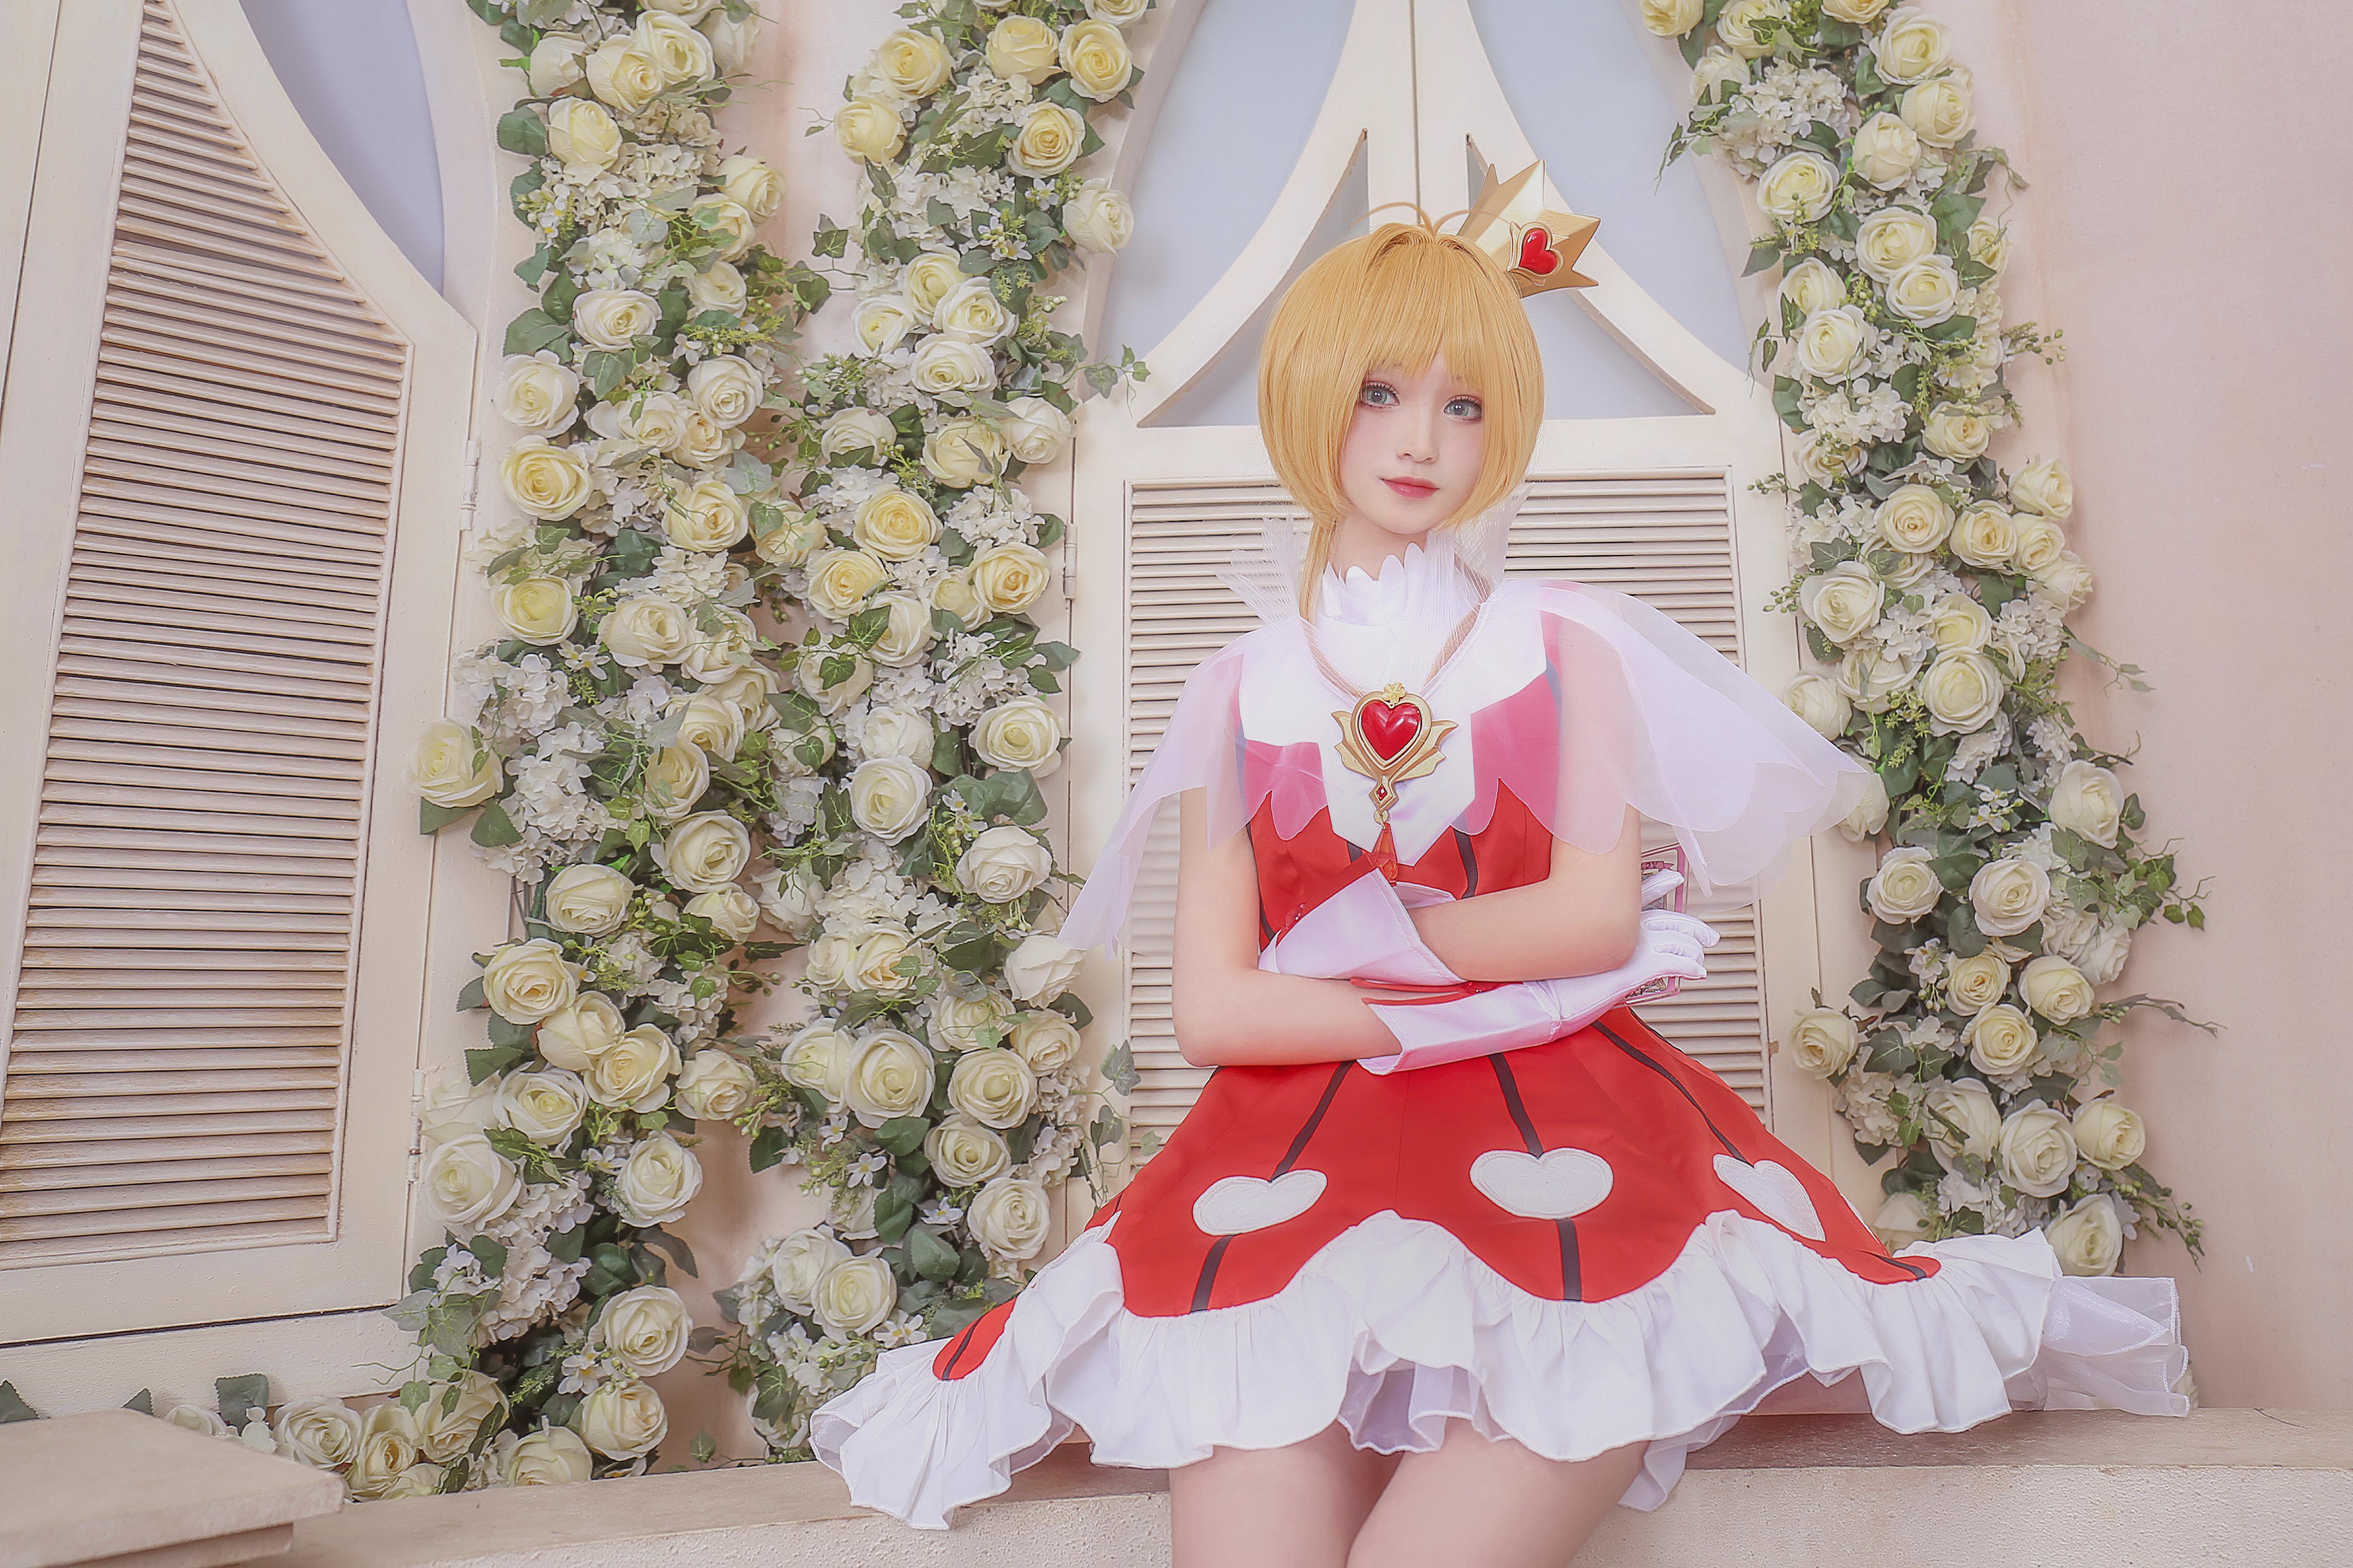 《魔卡少女樱》魔法少女小樱cosplay【CN:柳川萌_moe】-第6张